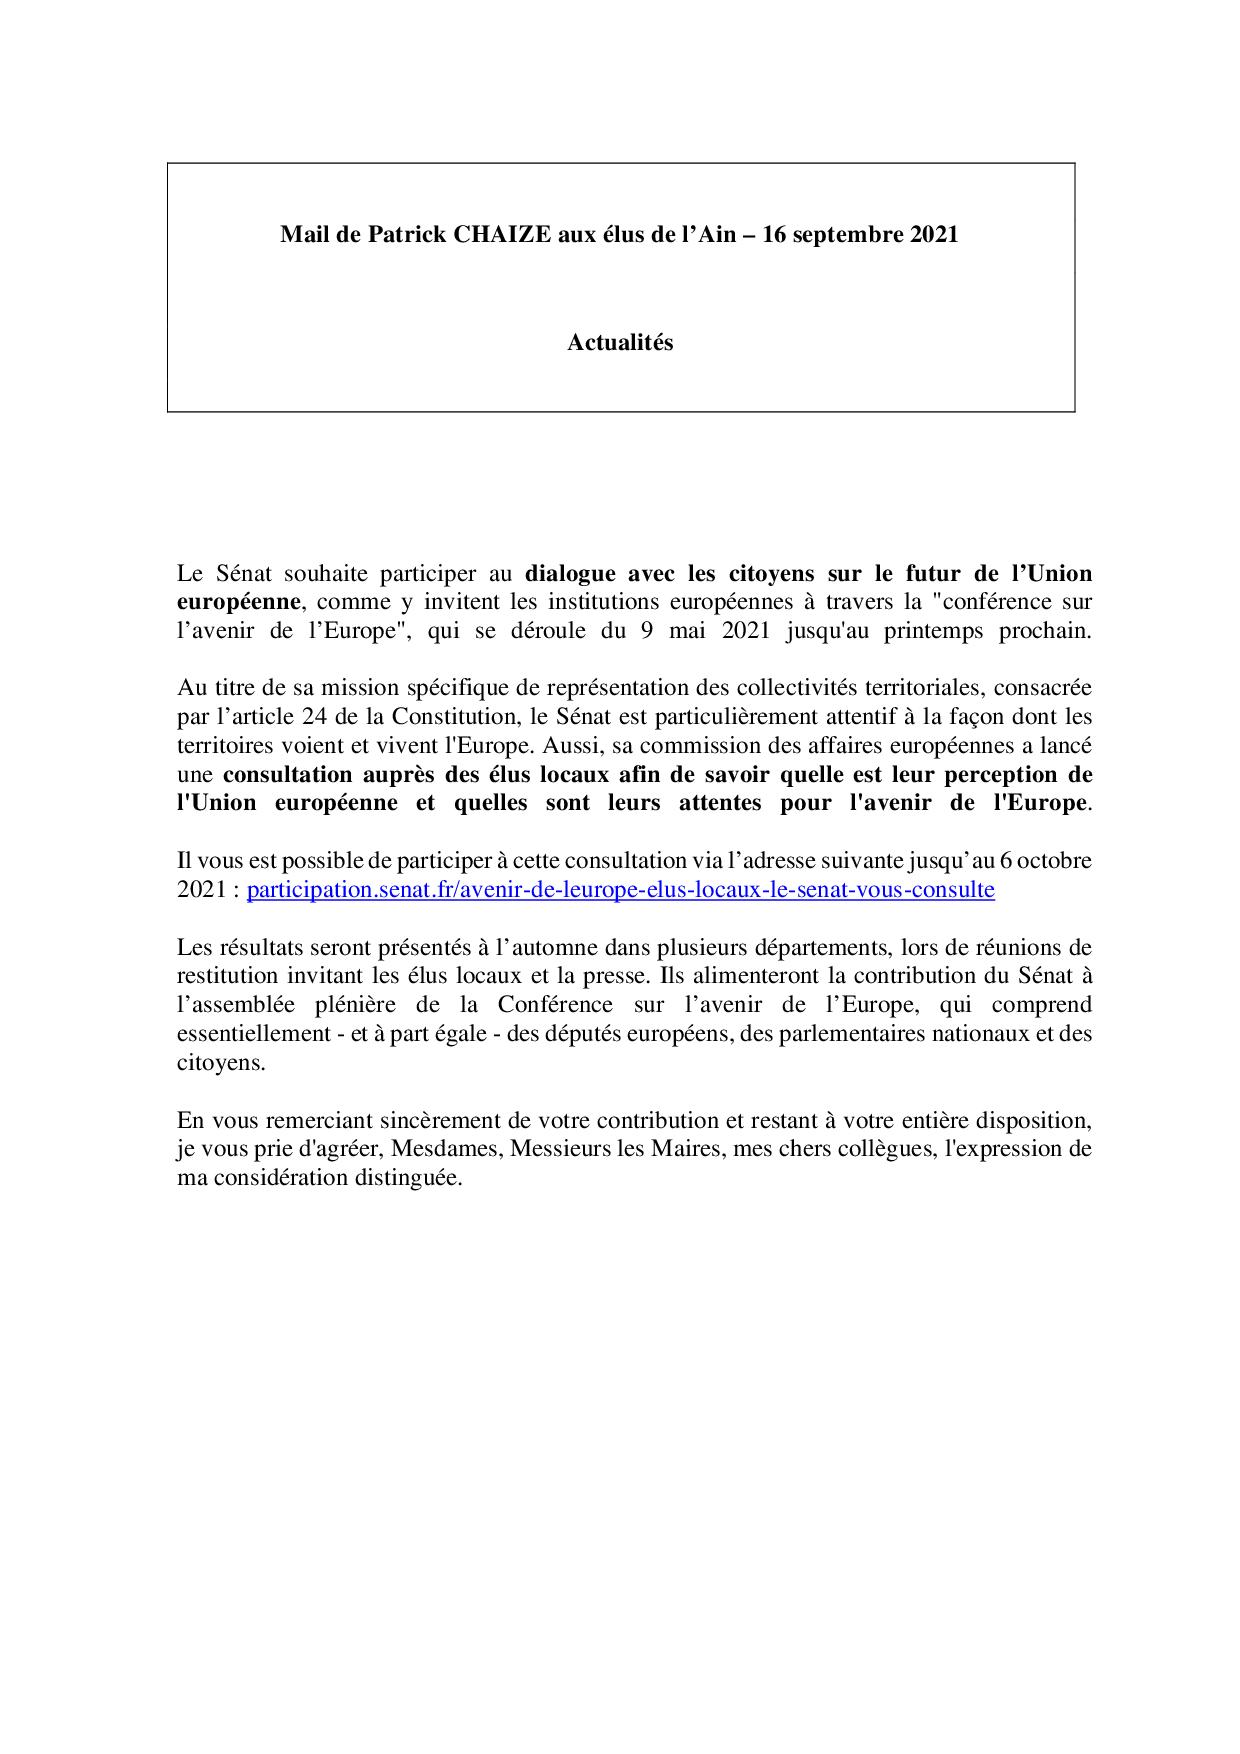 Mail_Information_Communiqué_Elus_Ain_N°81_20210916